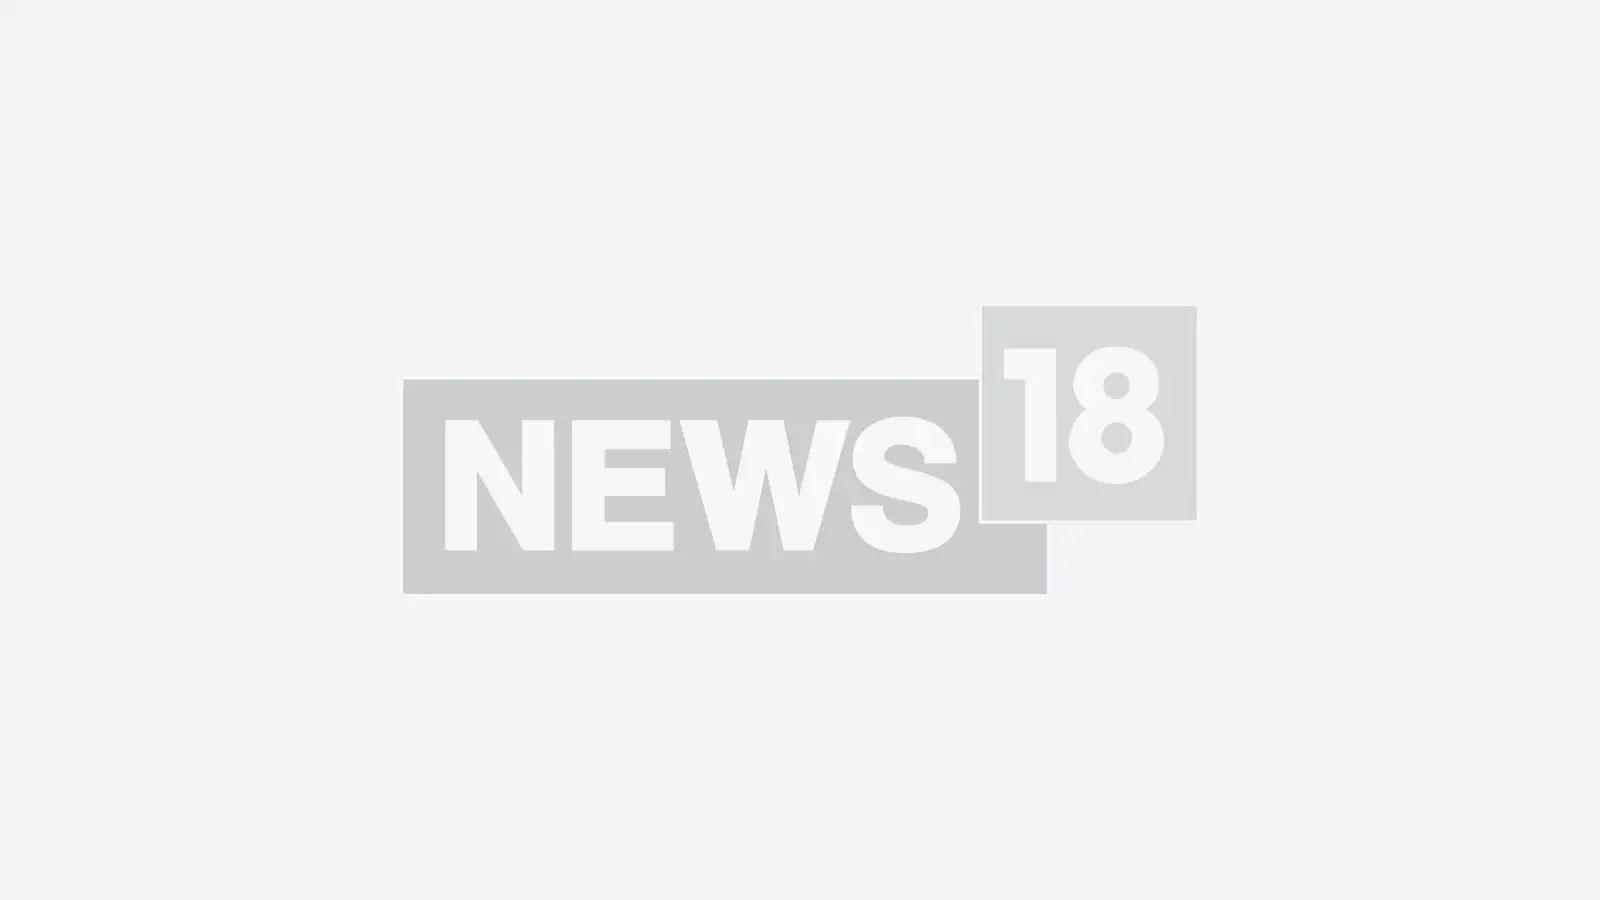 इंग्लैंड के प्लायमाउथ में गोलीबारी की घटना में कई लोग मारे गए